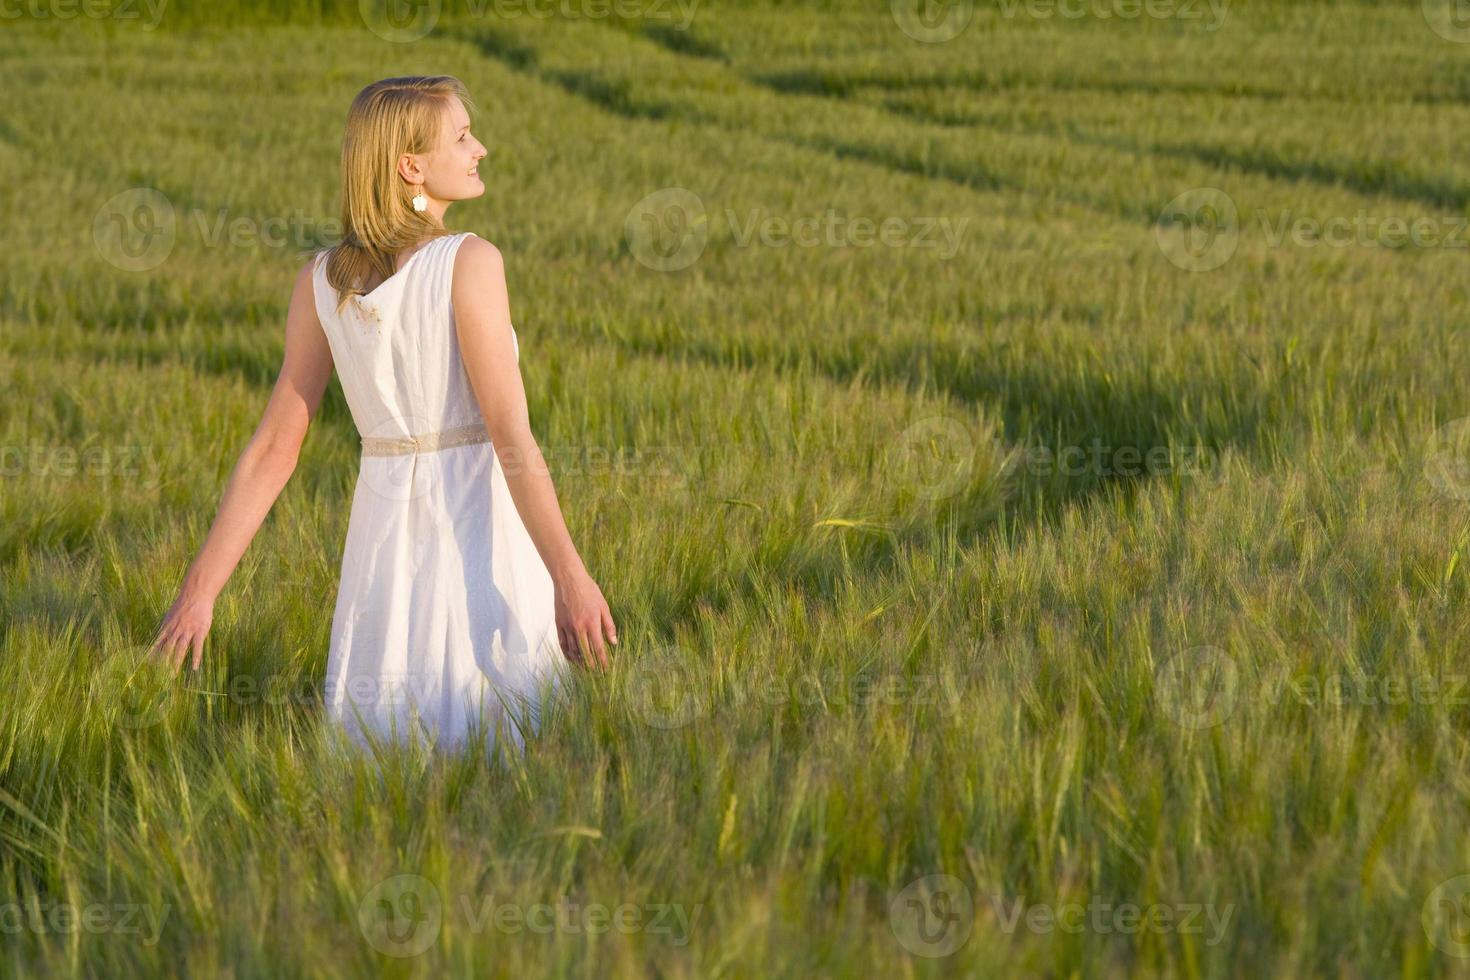 tienermeisje lopen door gerst veld foto